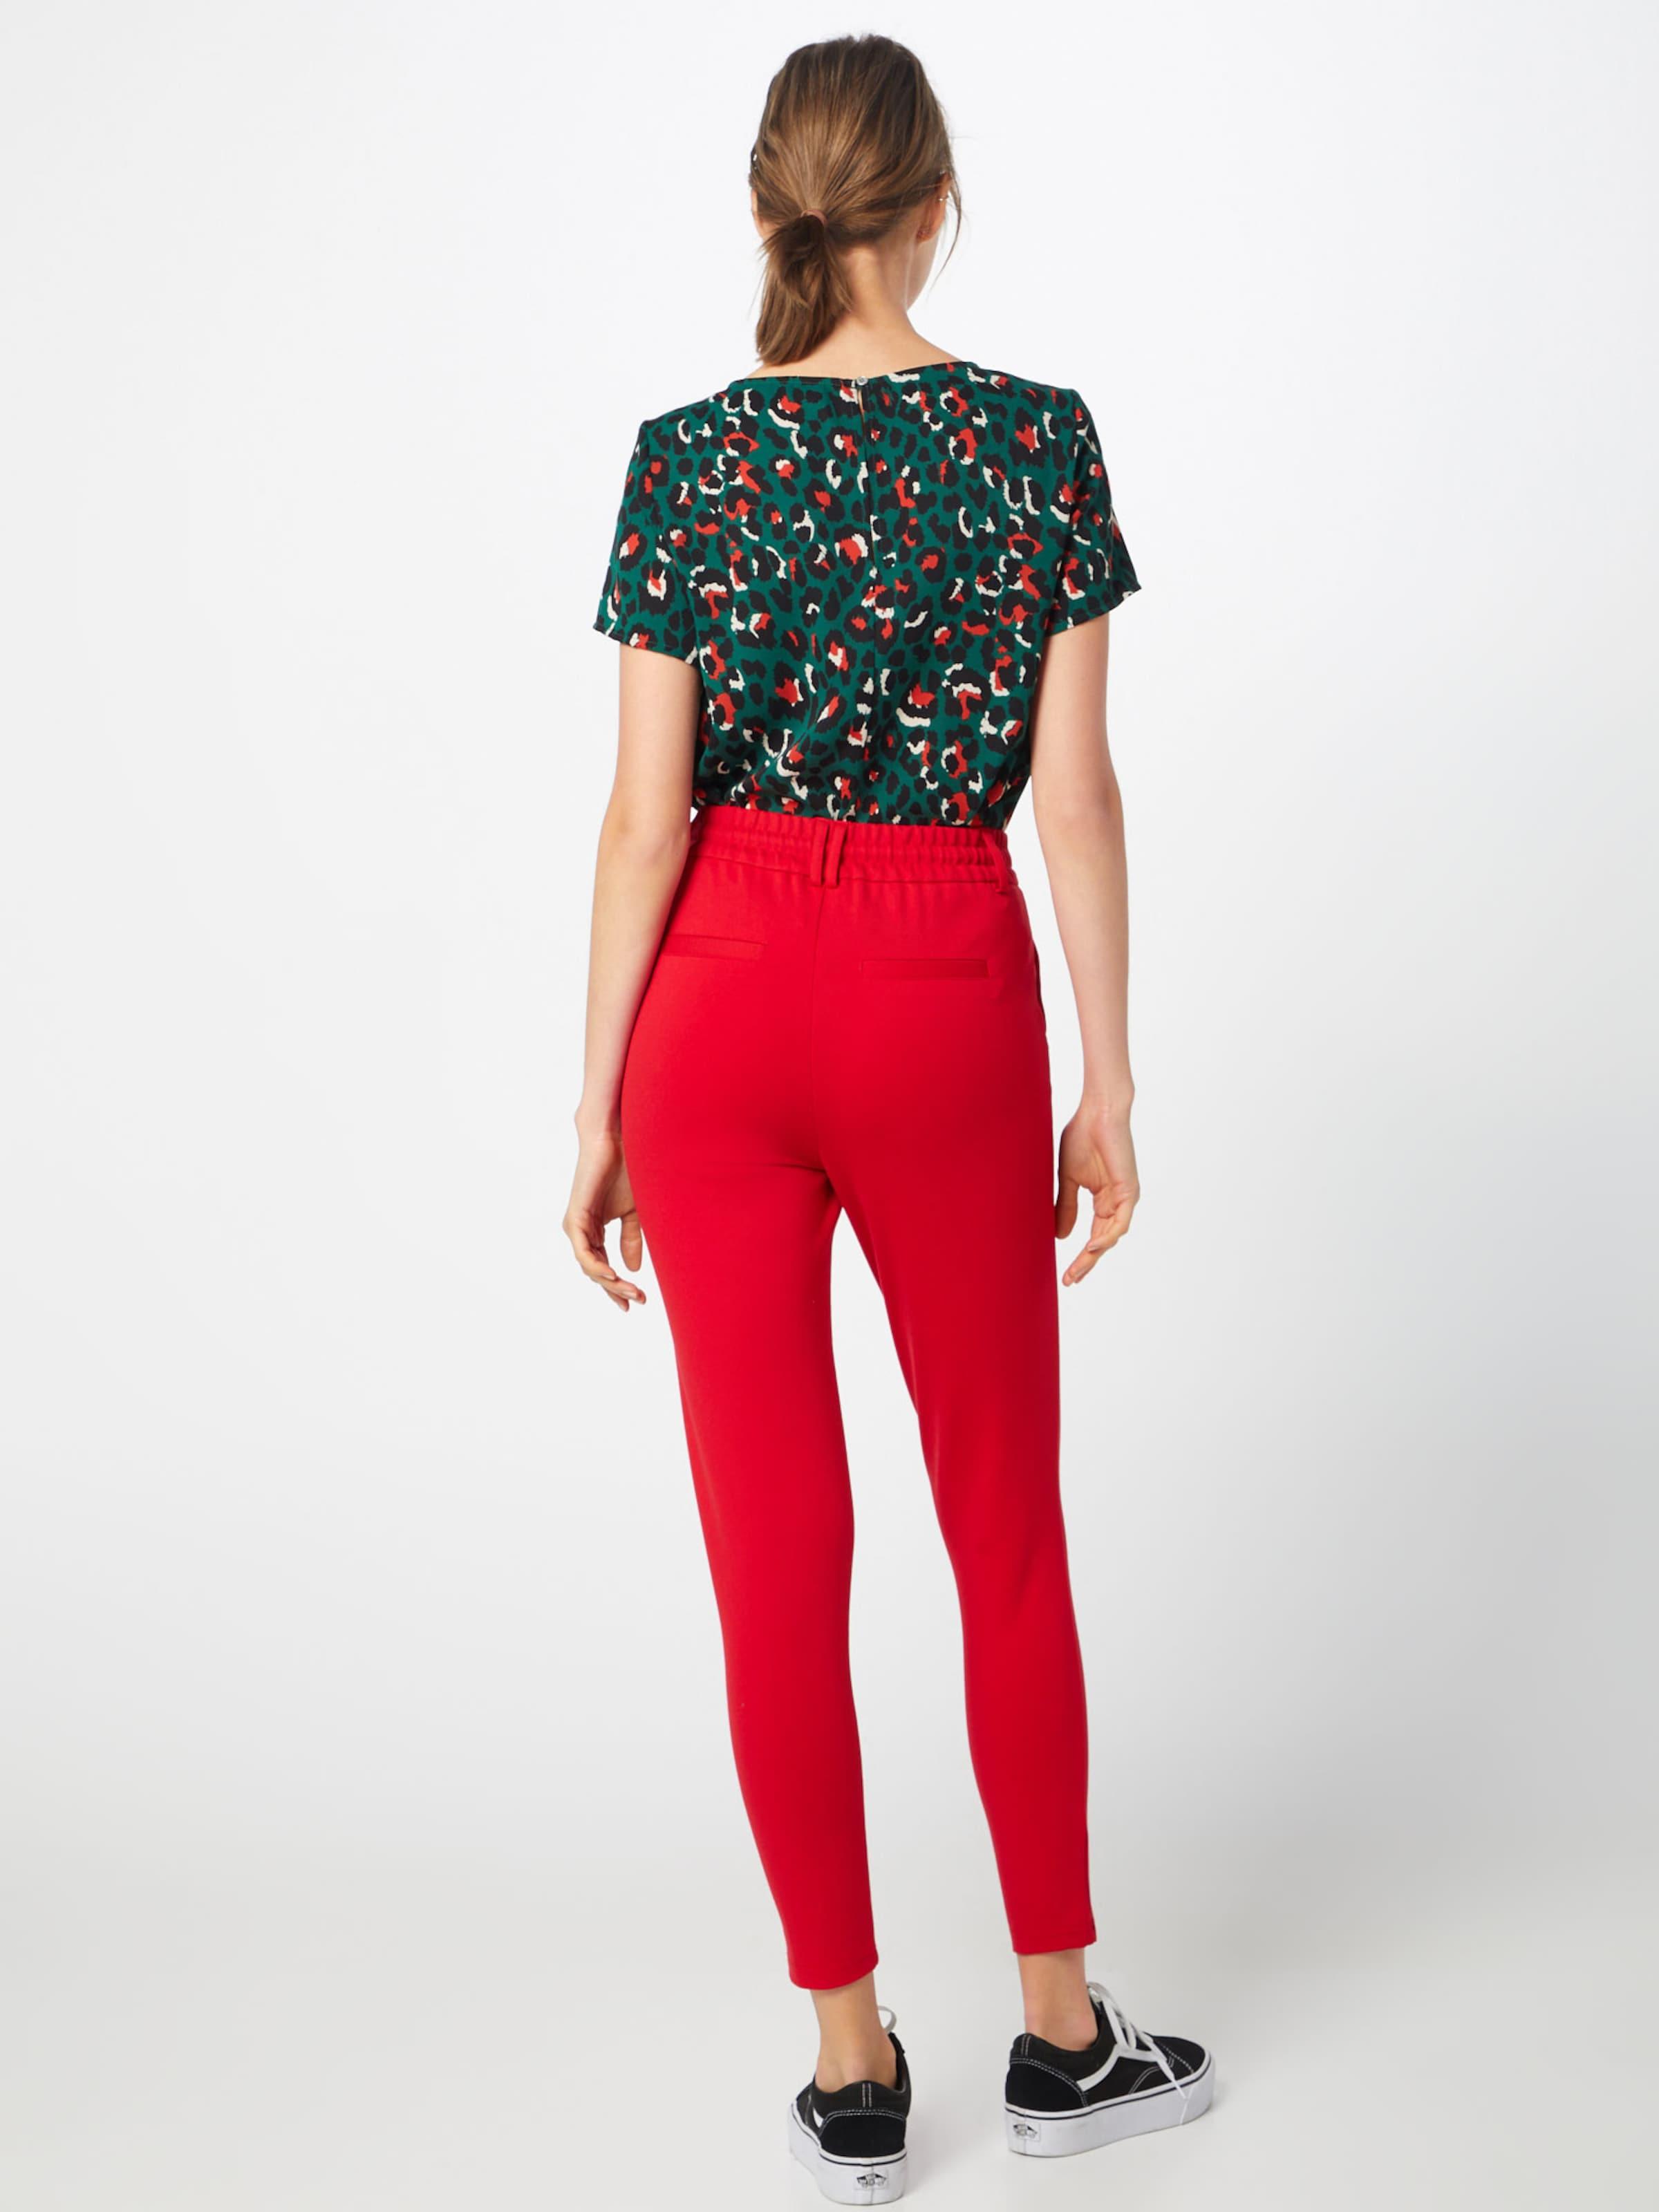 Noisy Pince May 'power' Pantalon Rouge À En sQCtrdhx